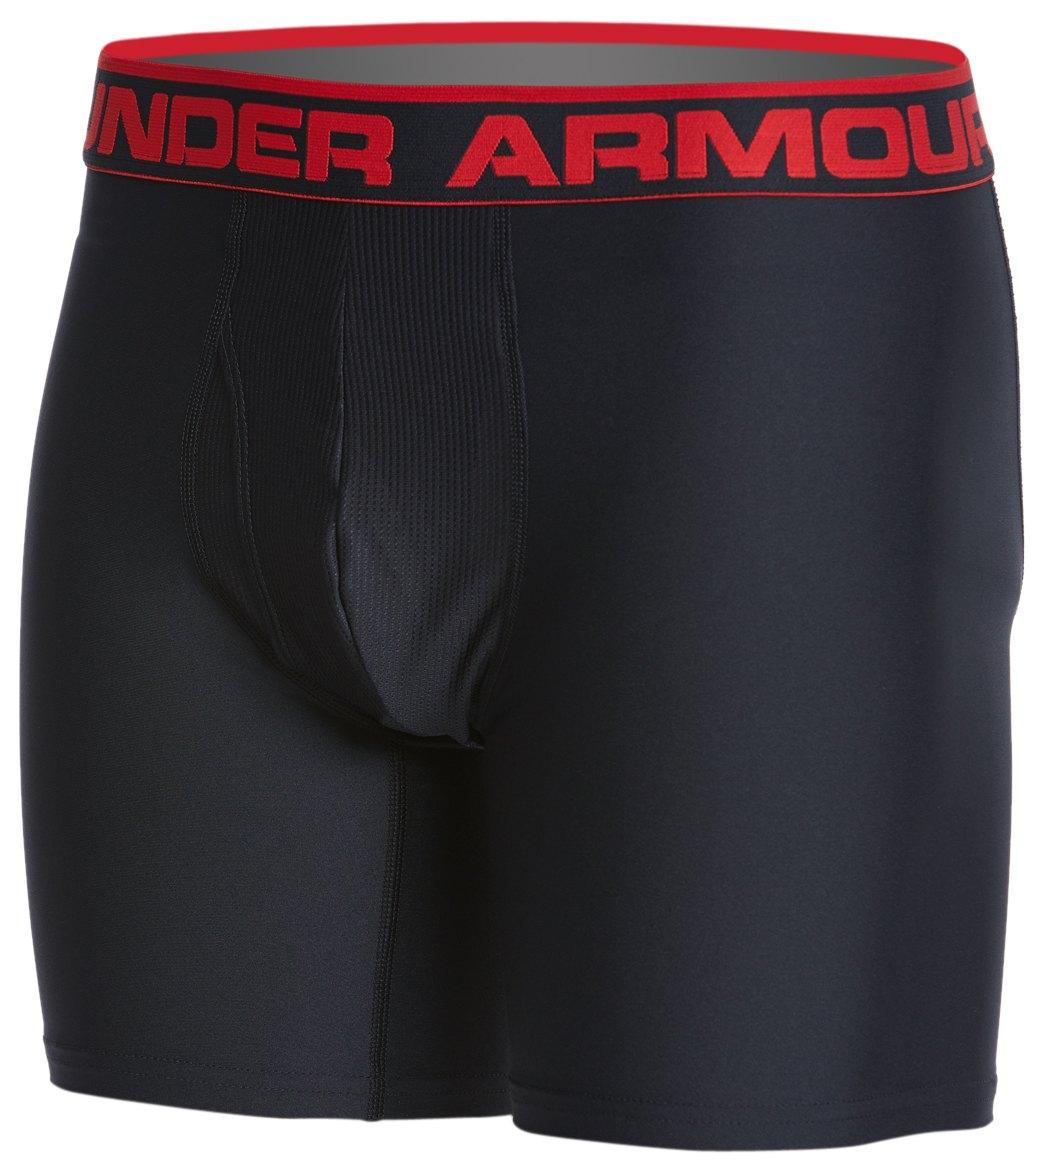 11ce7ee2ce Under Armour Men's UA Original Series 6u0022 Boxerjock 2-Pack